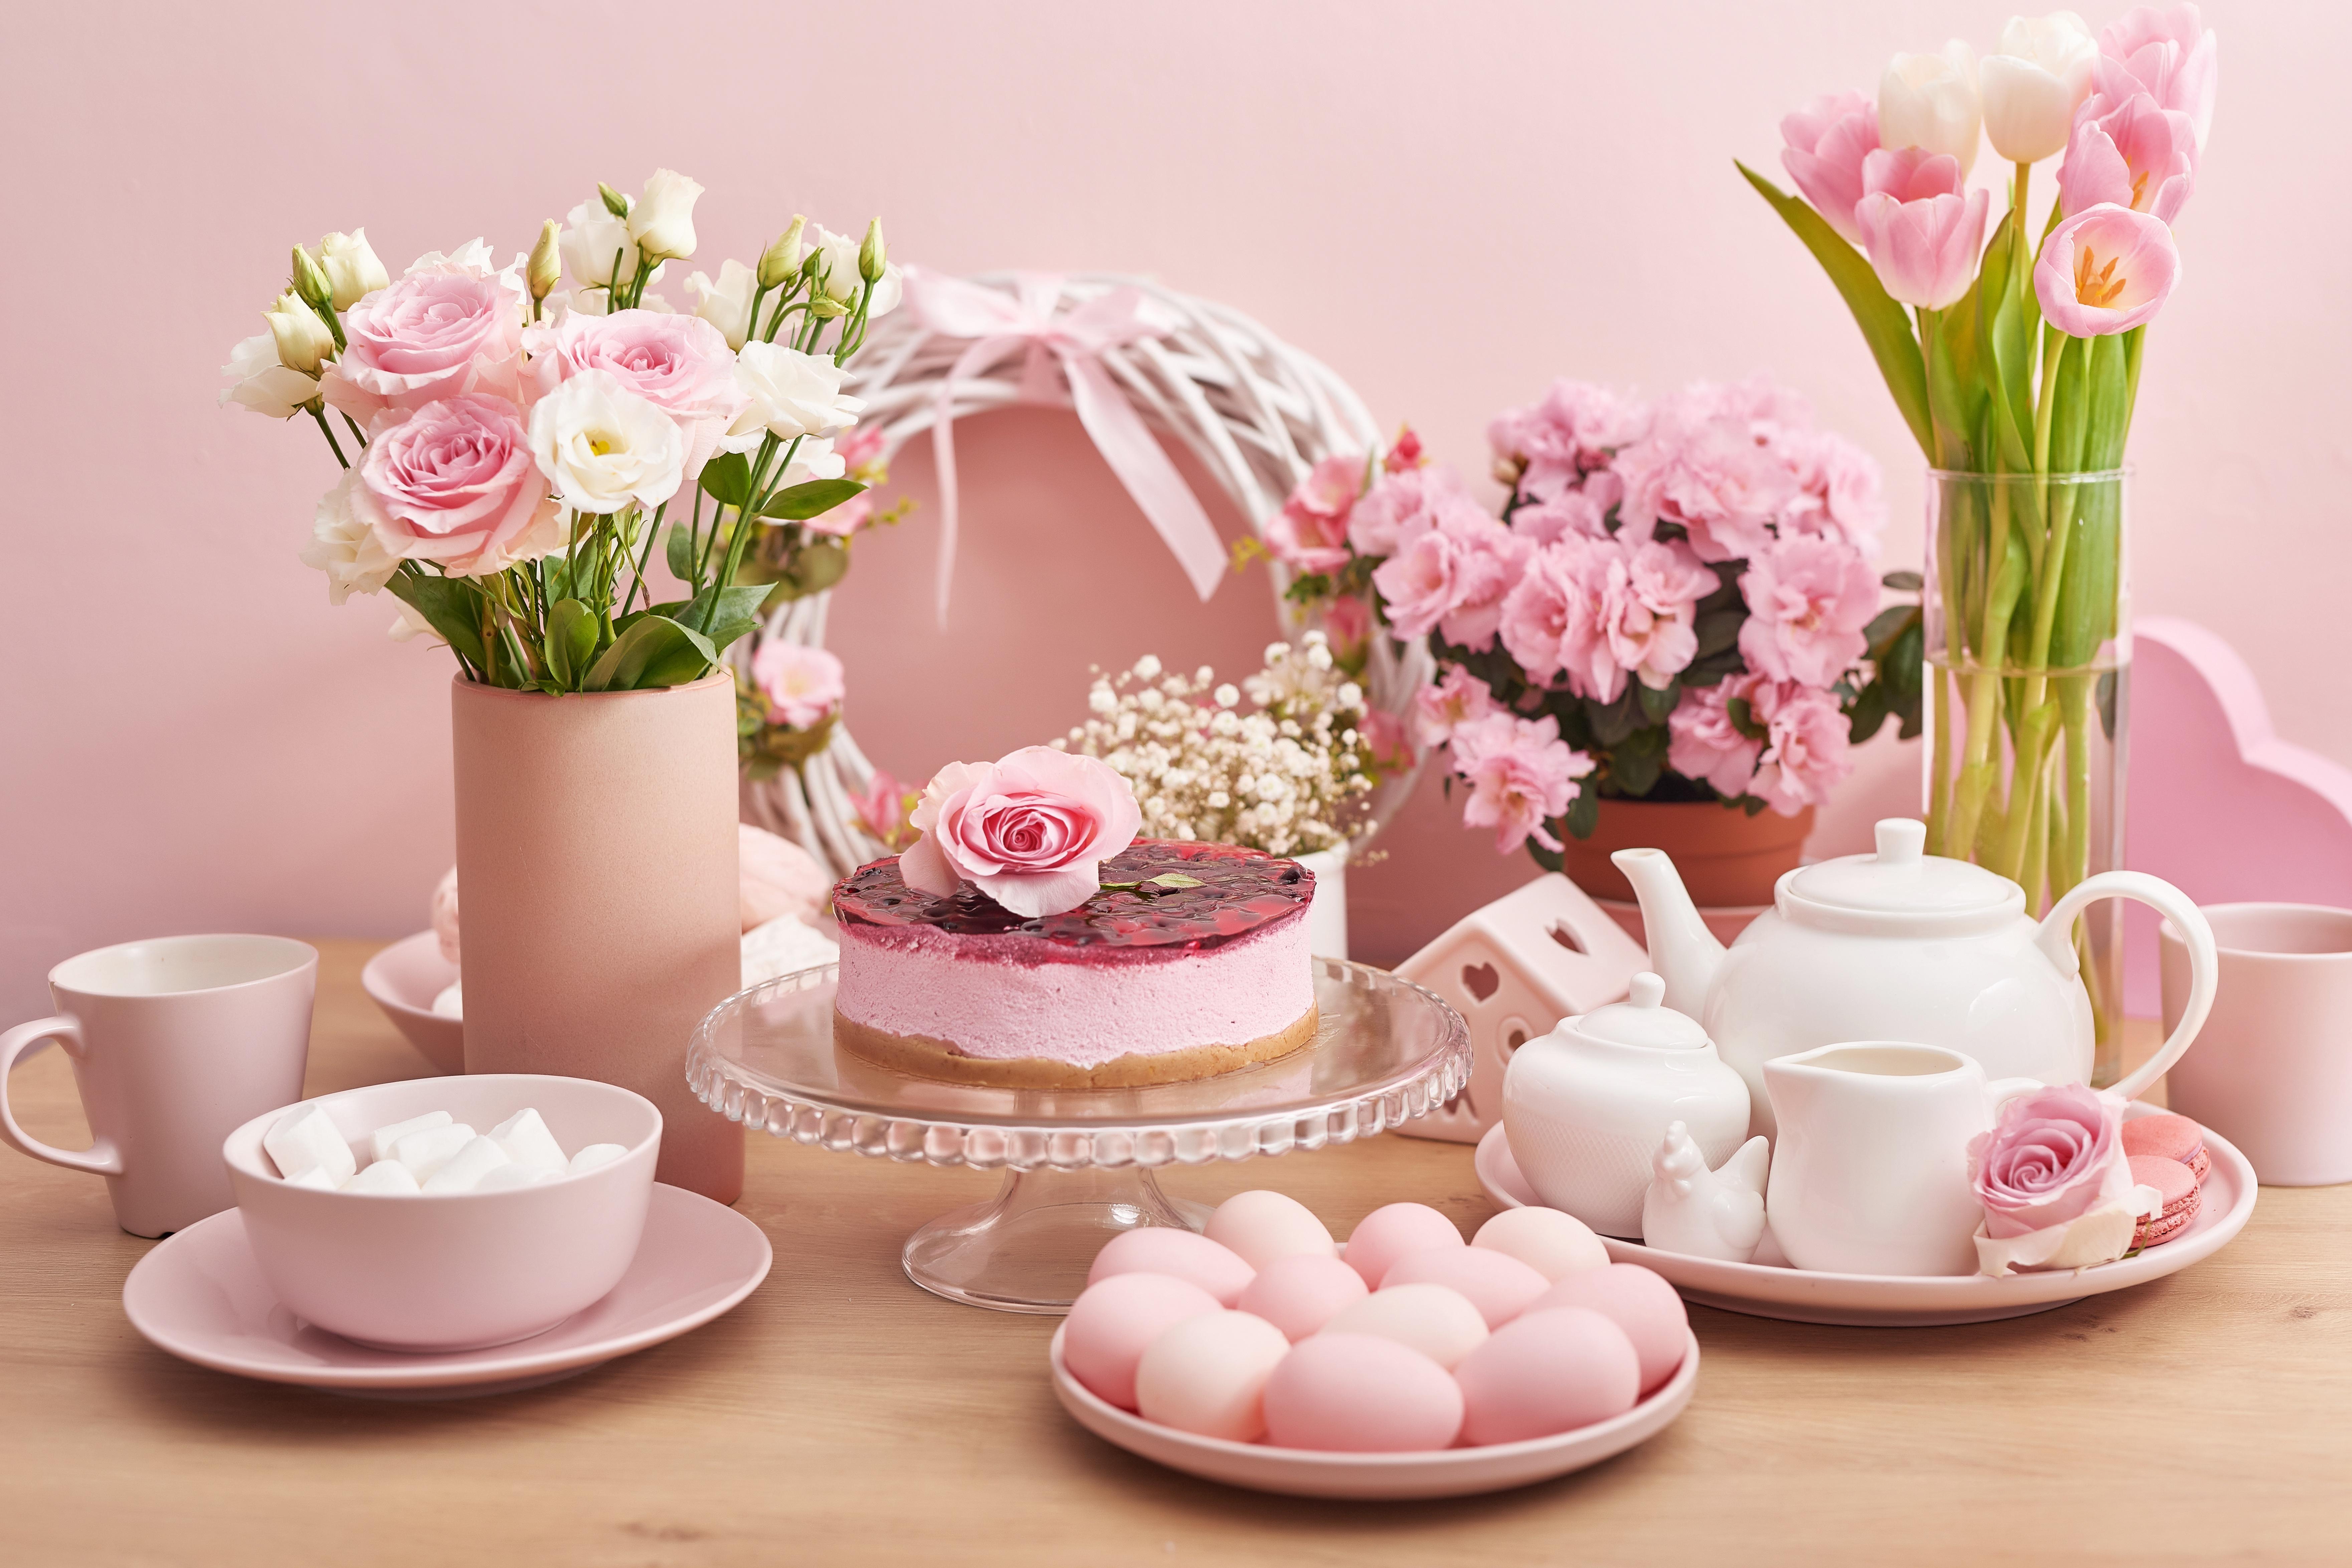 Flower Egg Cake 7043x4695